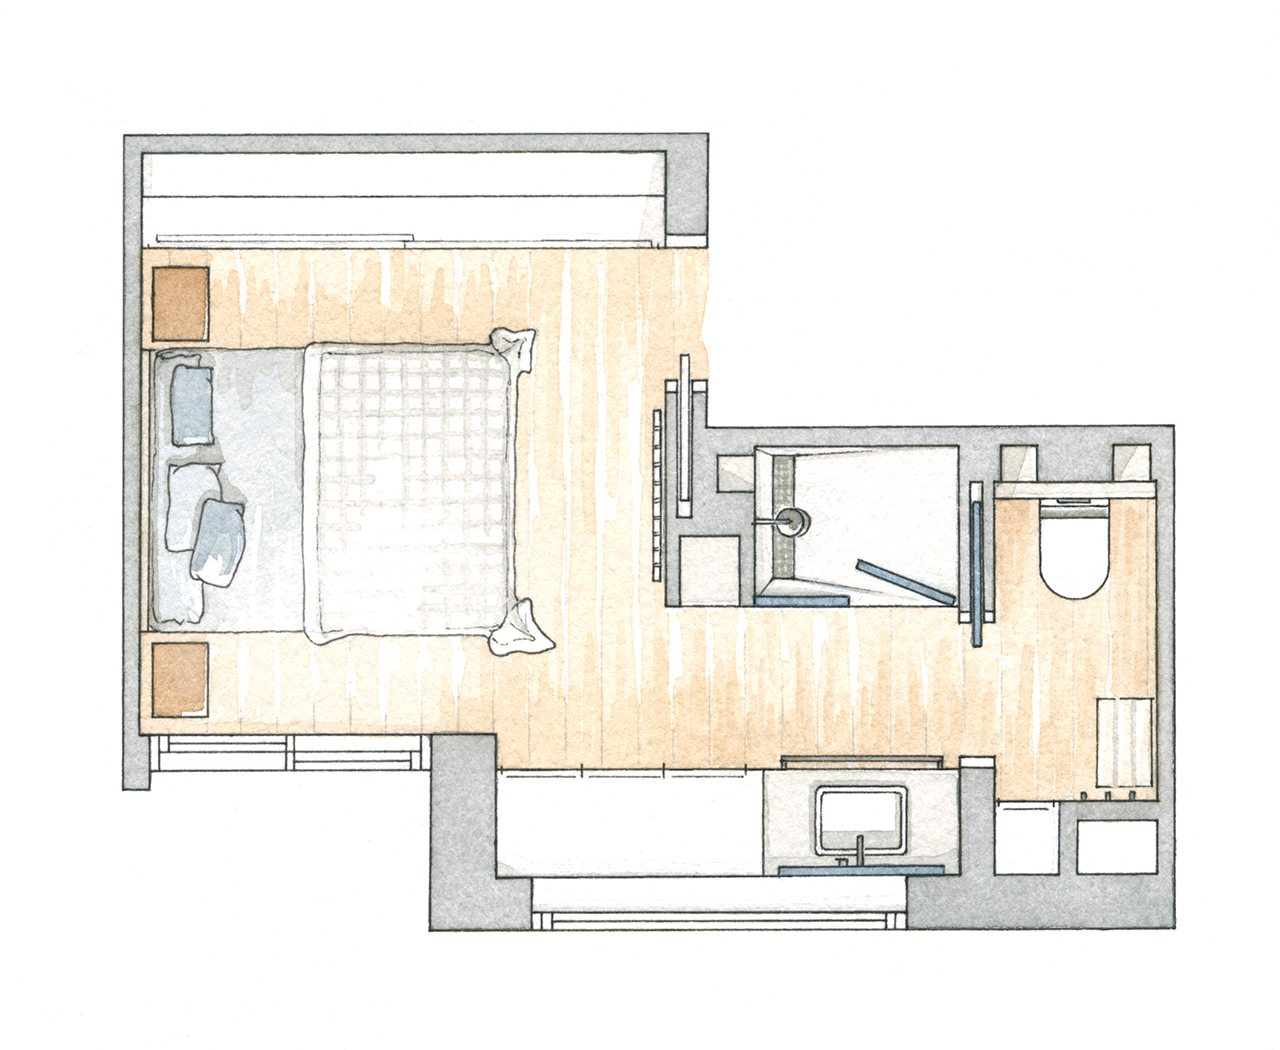 Dise o dormitorio con vestidor y ba o images for Dormitorio con bano